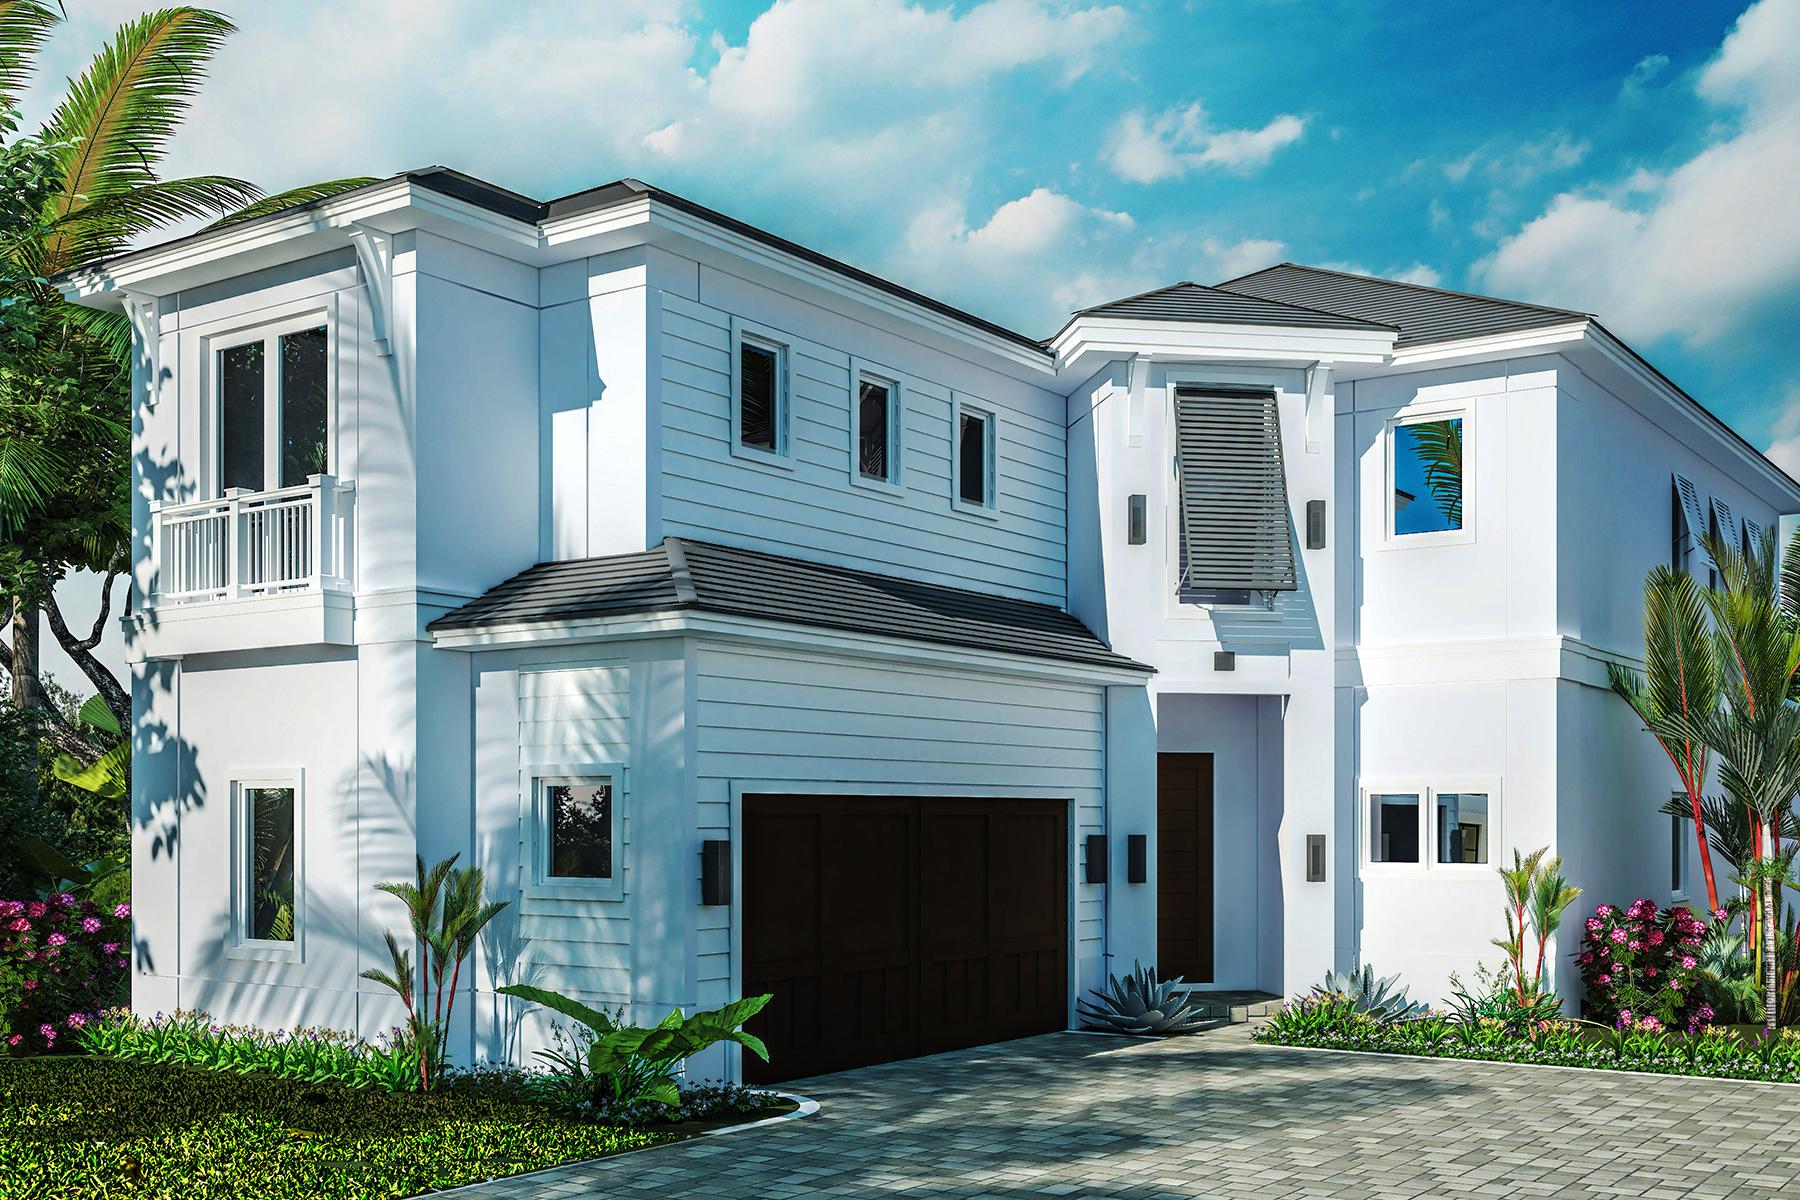 独户住宅 为 销售 在 Mercato 9197 Mercato Way 那不勒斯, 佛罗里达州, 34108 美国